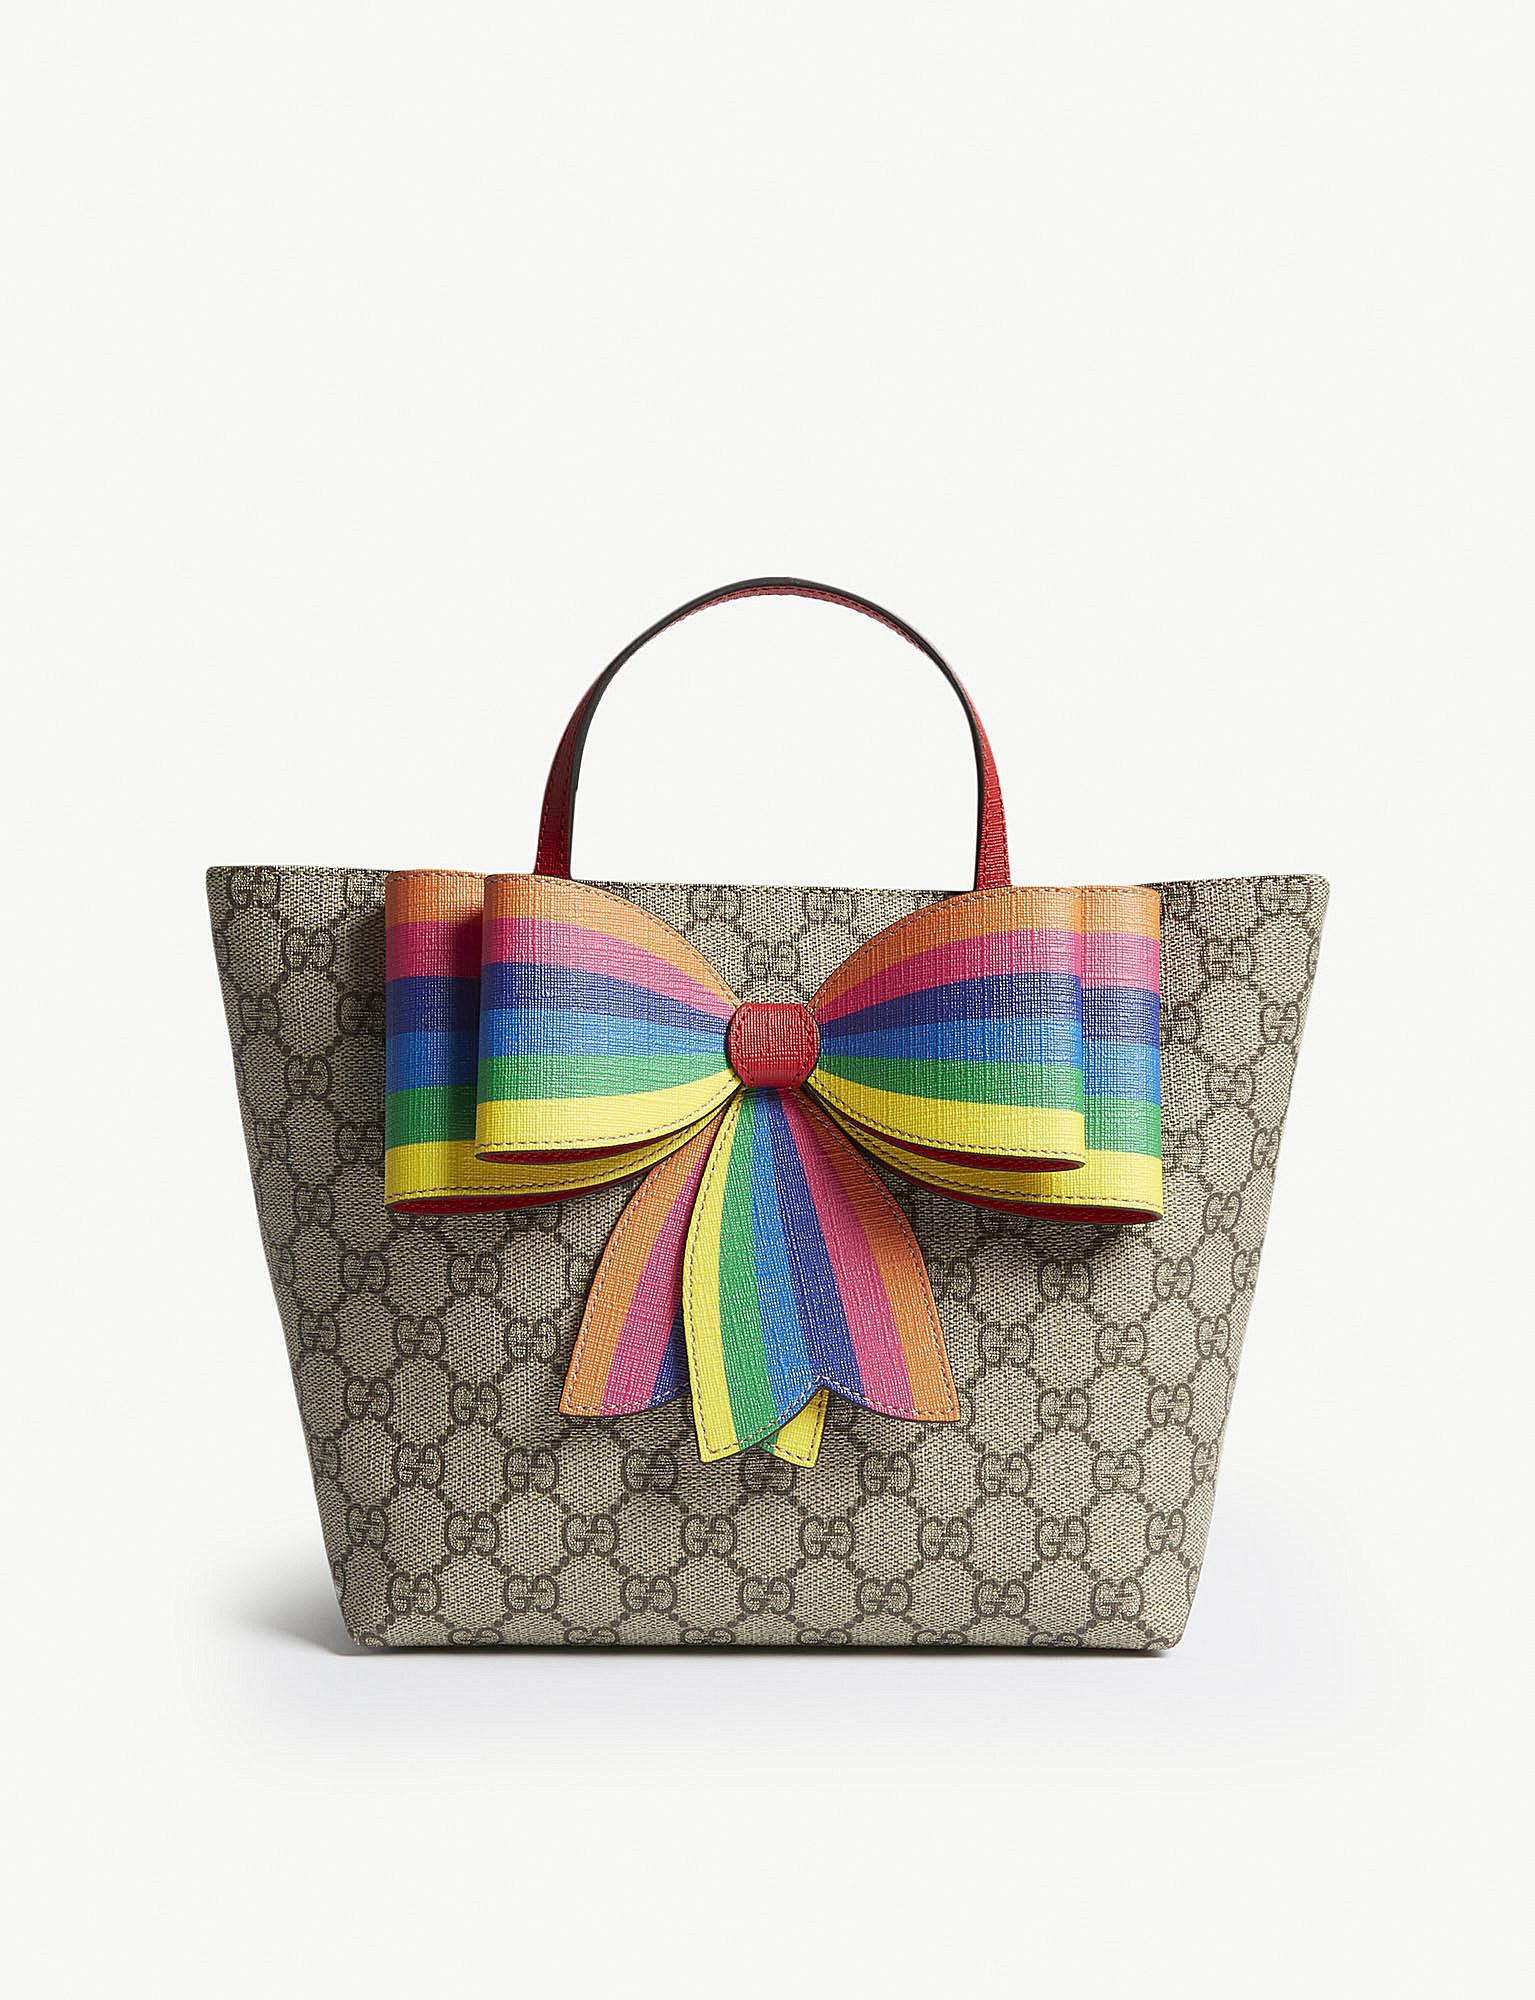 ab131e4c379 Gucci GG Supreme Canvas Tote Bag W  Rainbow Bow - Lyst